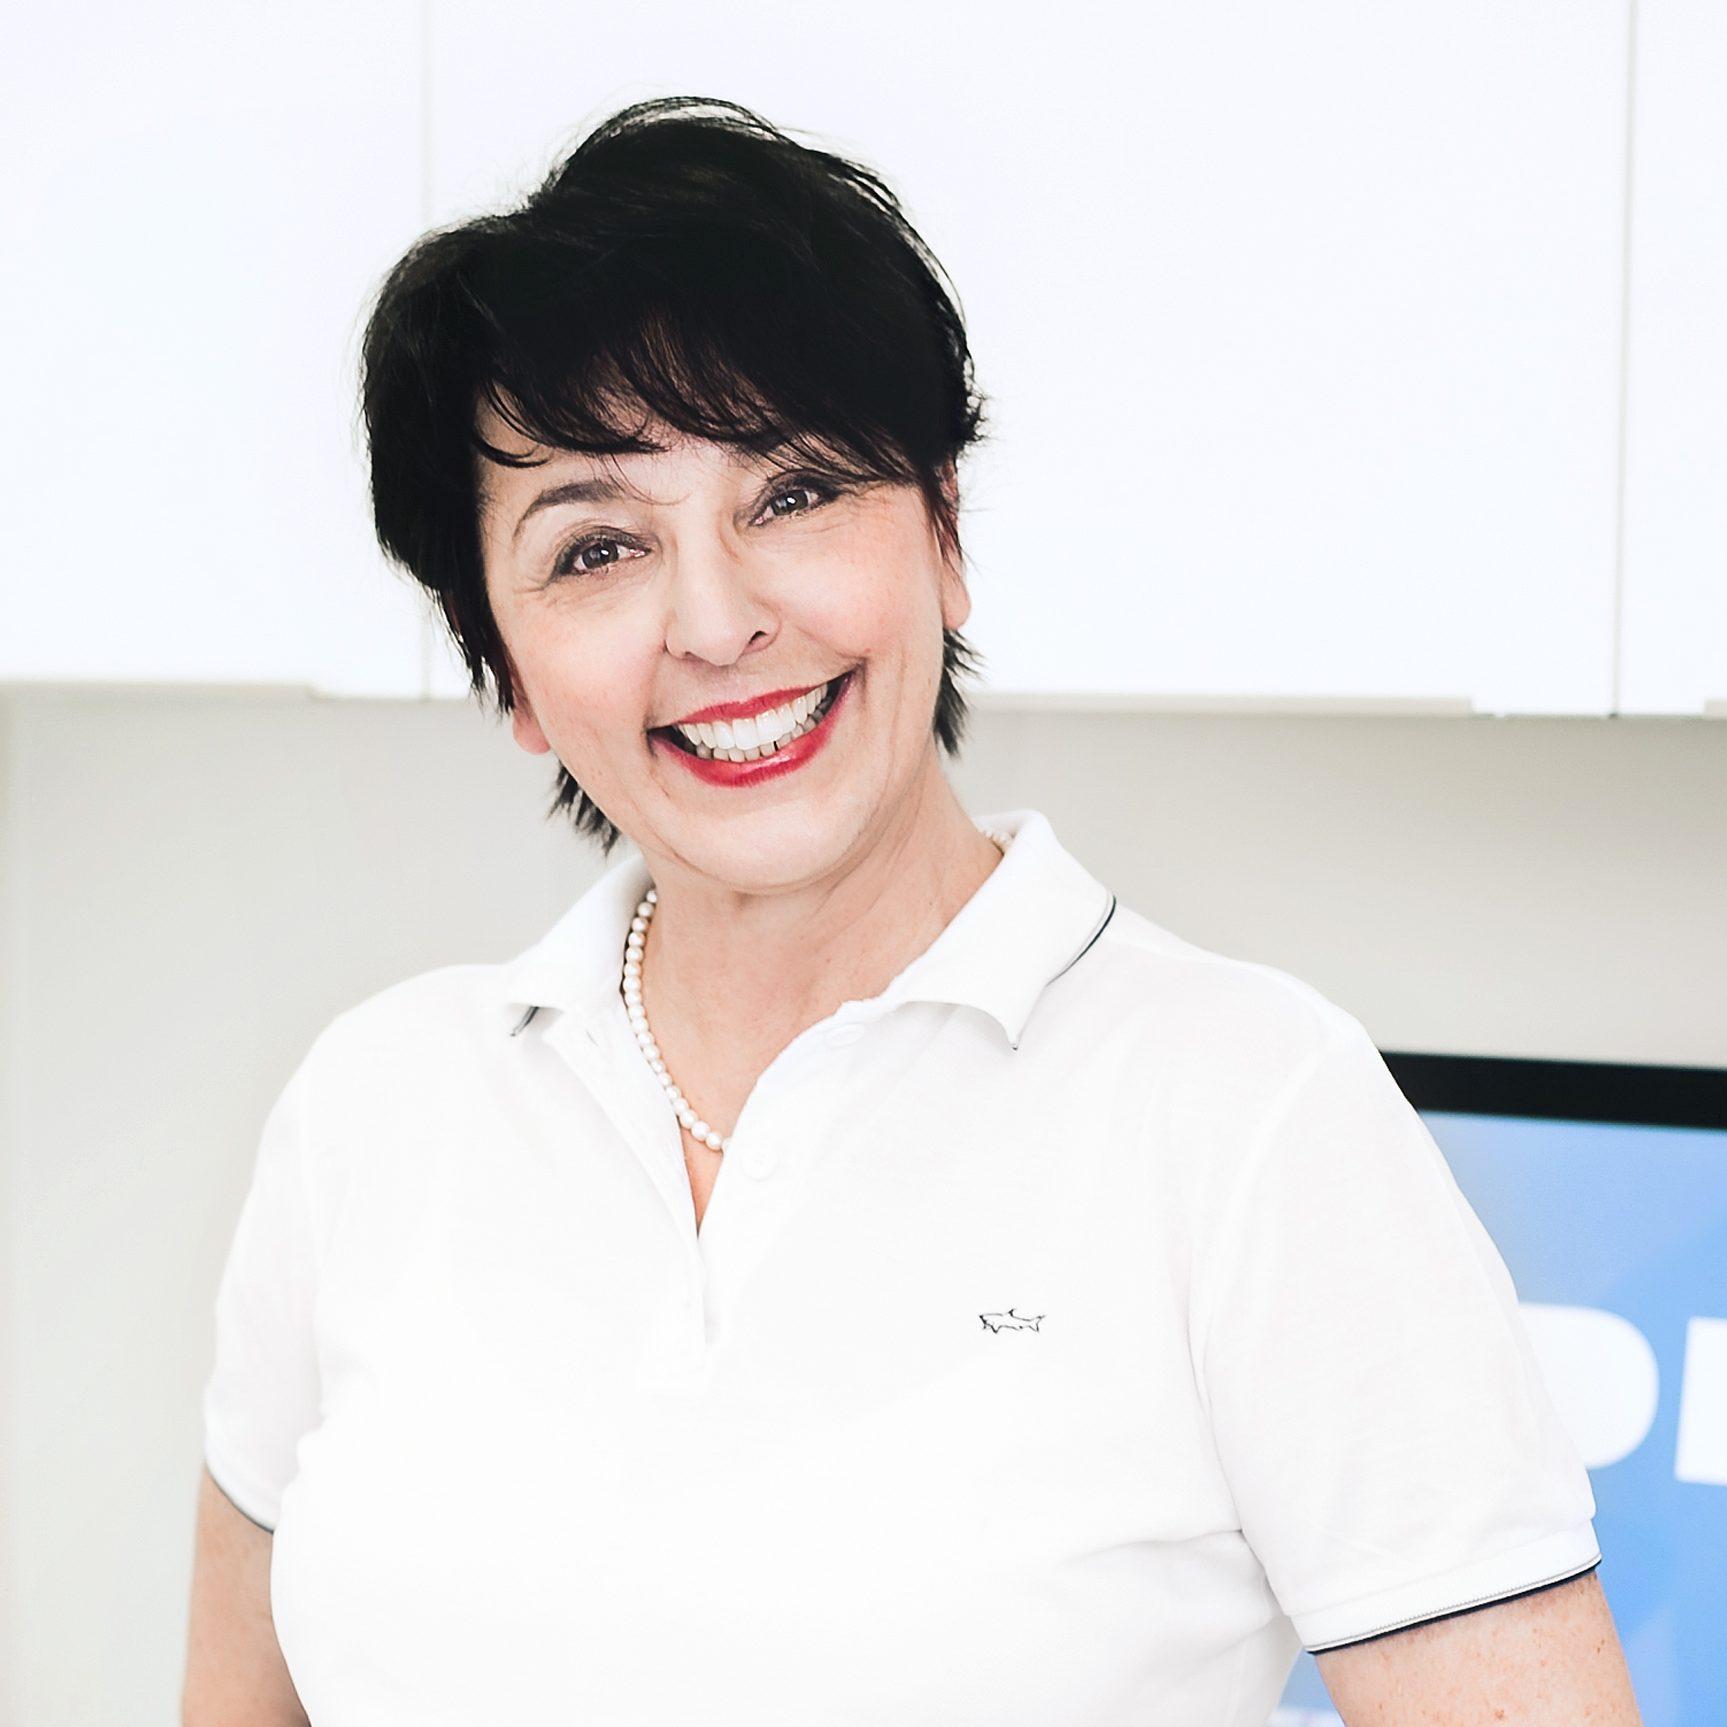 Ingrid Baumgartner